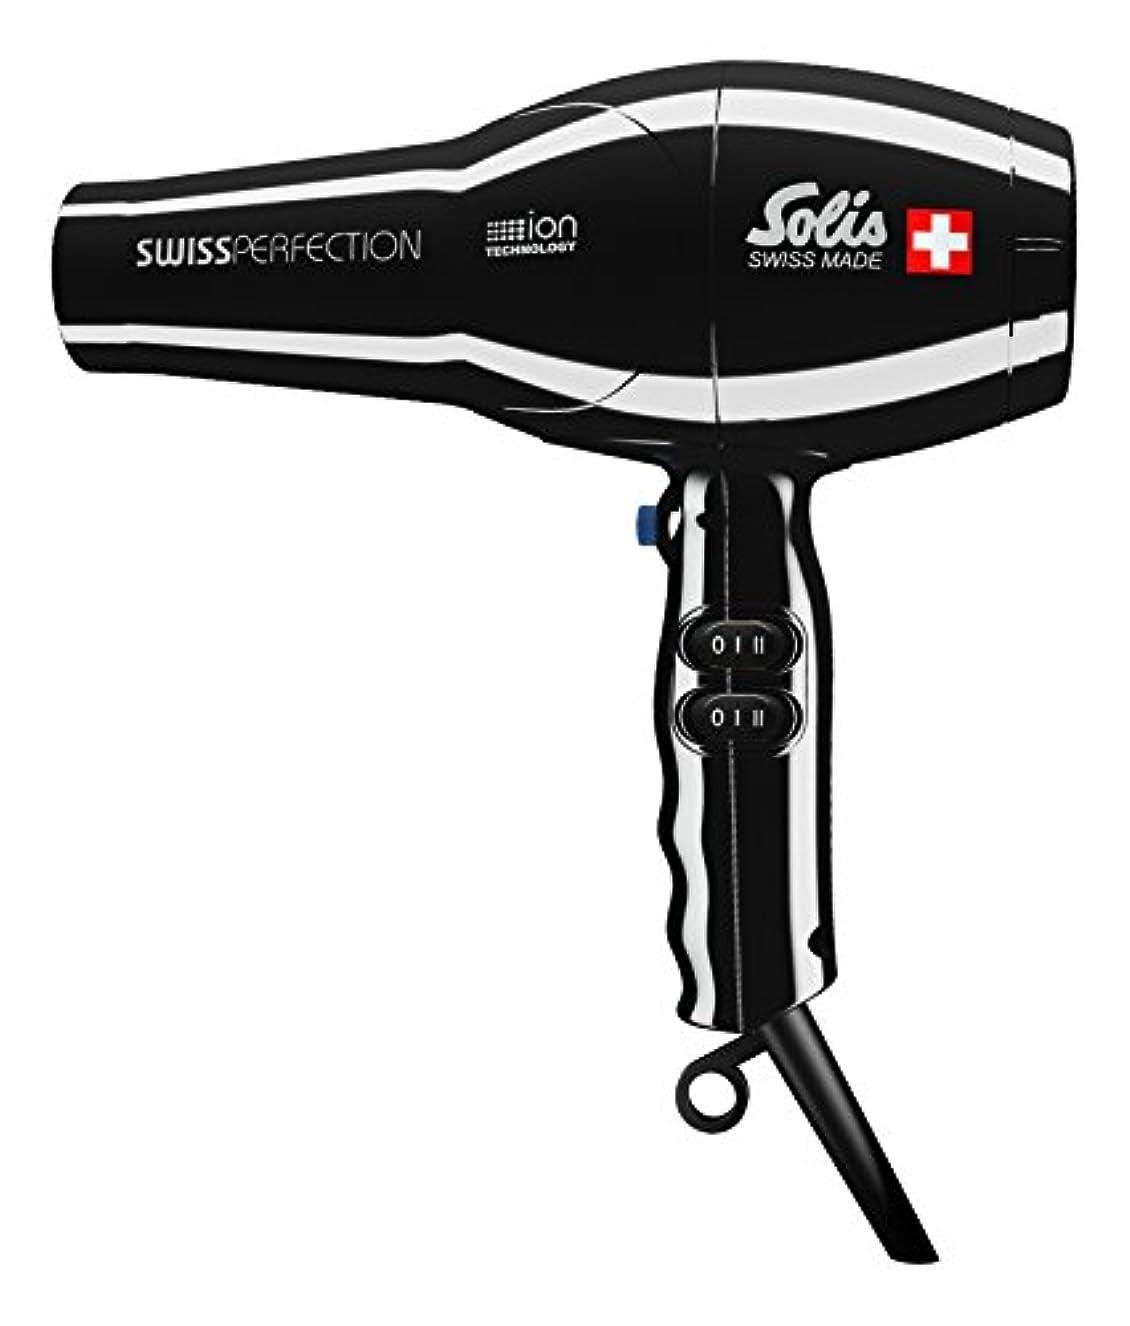 自信がある追加受け皿ソリスプロフェッショナル仕様ドライヤー、温風温度77℃で髪にやさしい、イオンテクノロジー、スイスパーフェクション (SD440B)、黒